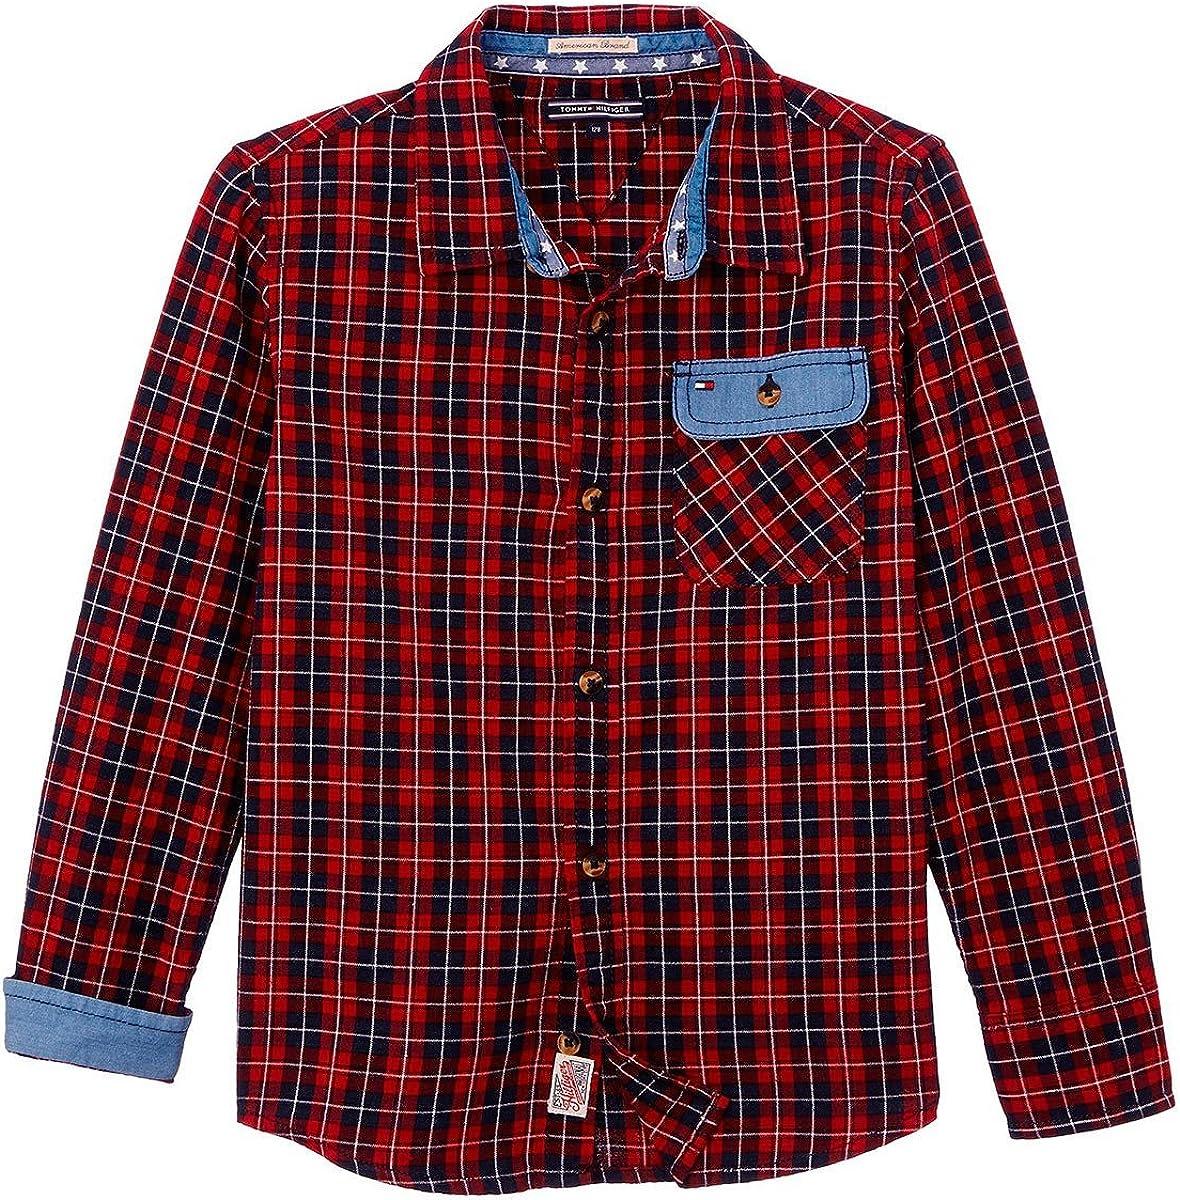 Tommy Hilfiger - Camisa, niños, Color- Granate, Talla- 5 ...